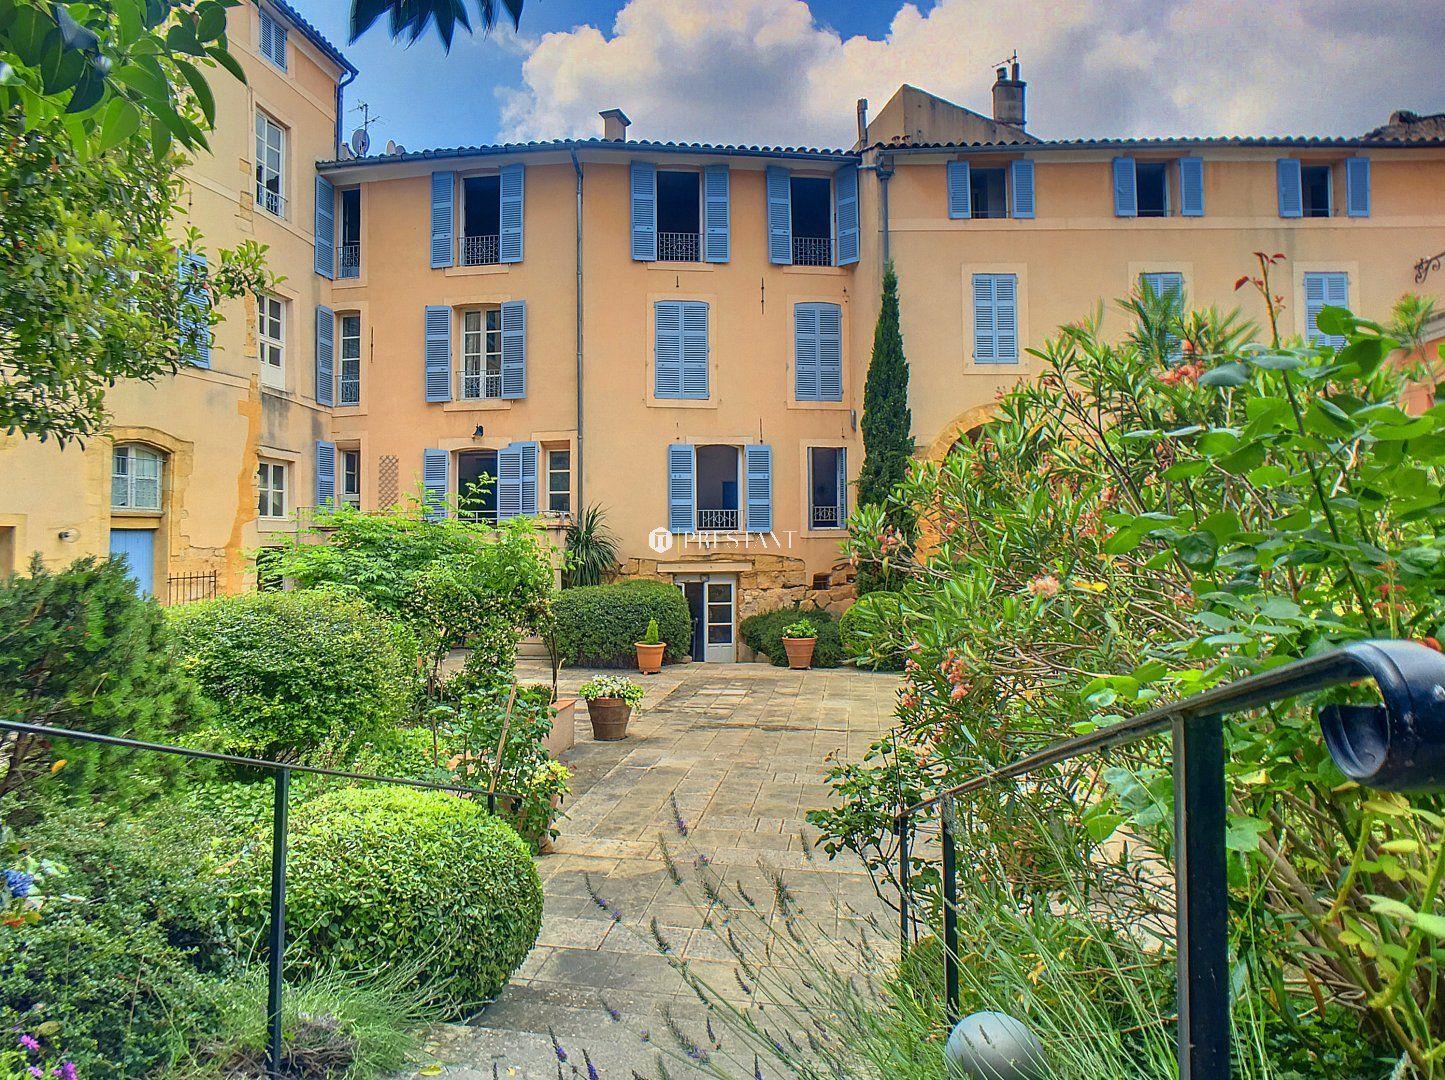 Au coeur d 39 aix en provence avec vie pieds tr s bel appartement dans immeuble ancien avec - Salon immobilier aix en provence ...